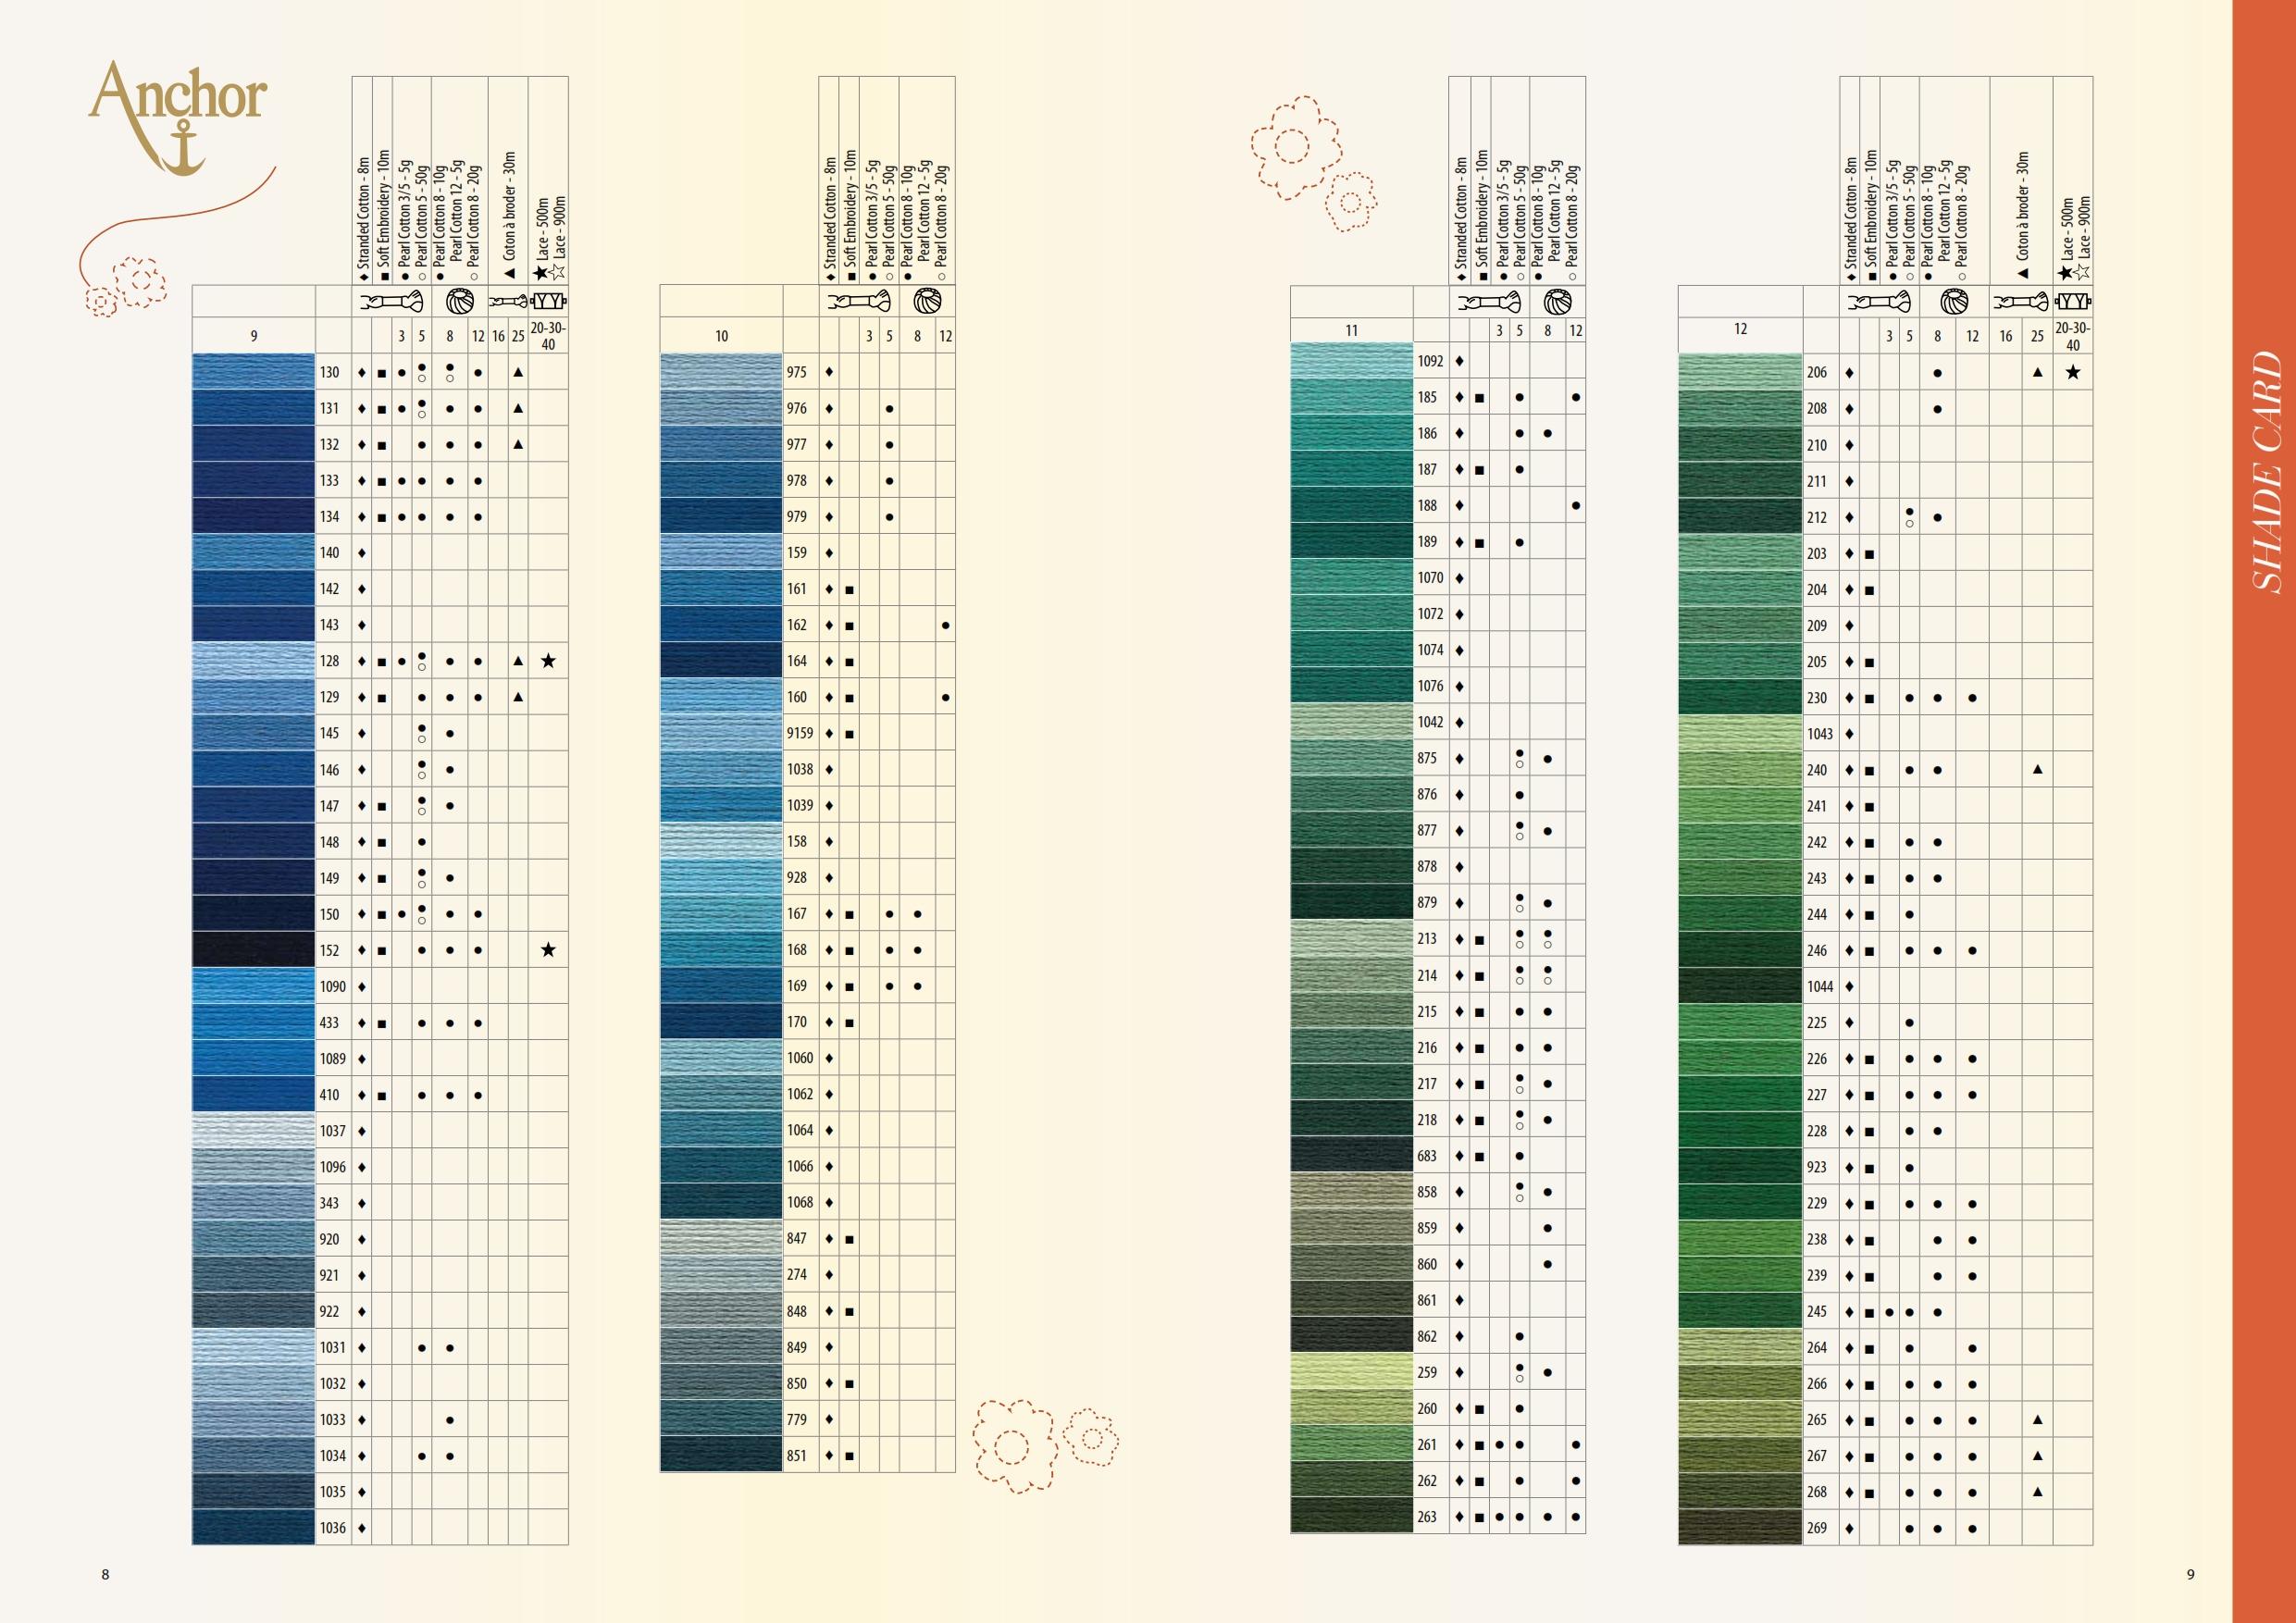 Elenco dei colori matassine punto croce Anchor 72d5e88947e7